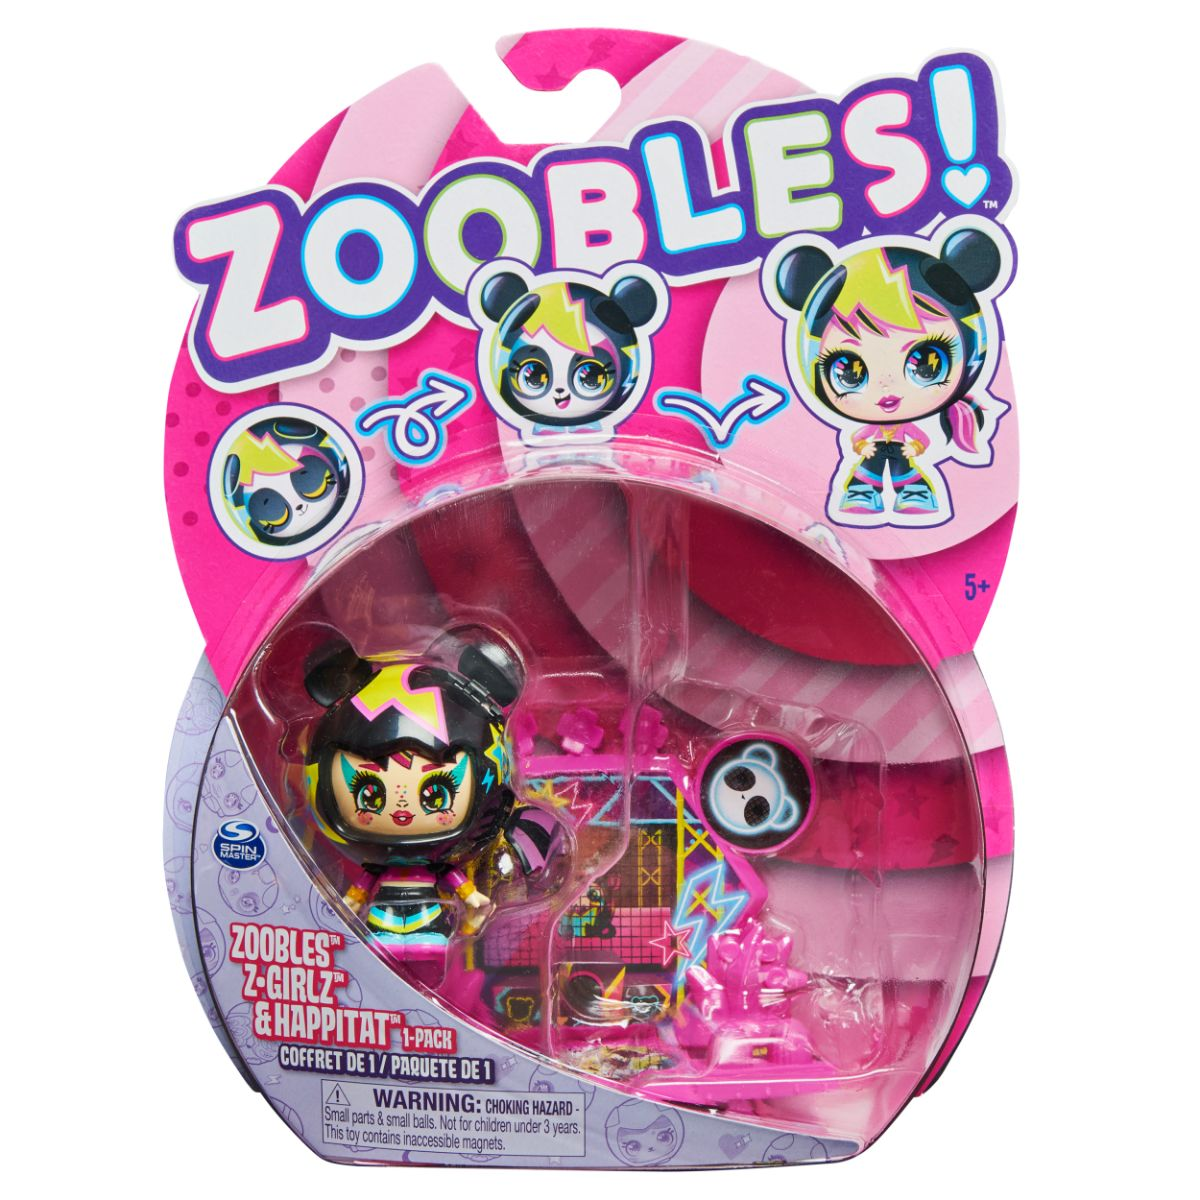 Figurine de transformare, Zoobles, colectibile